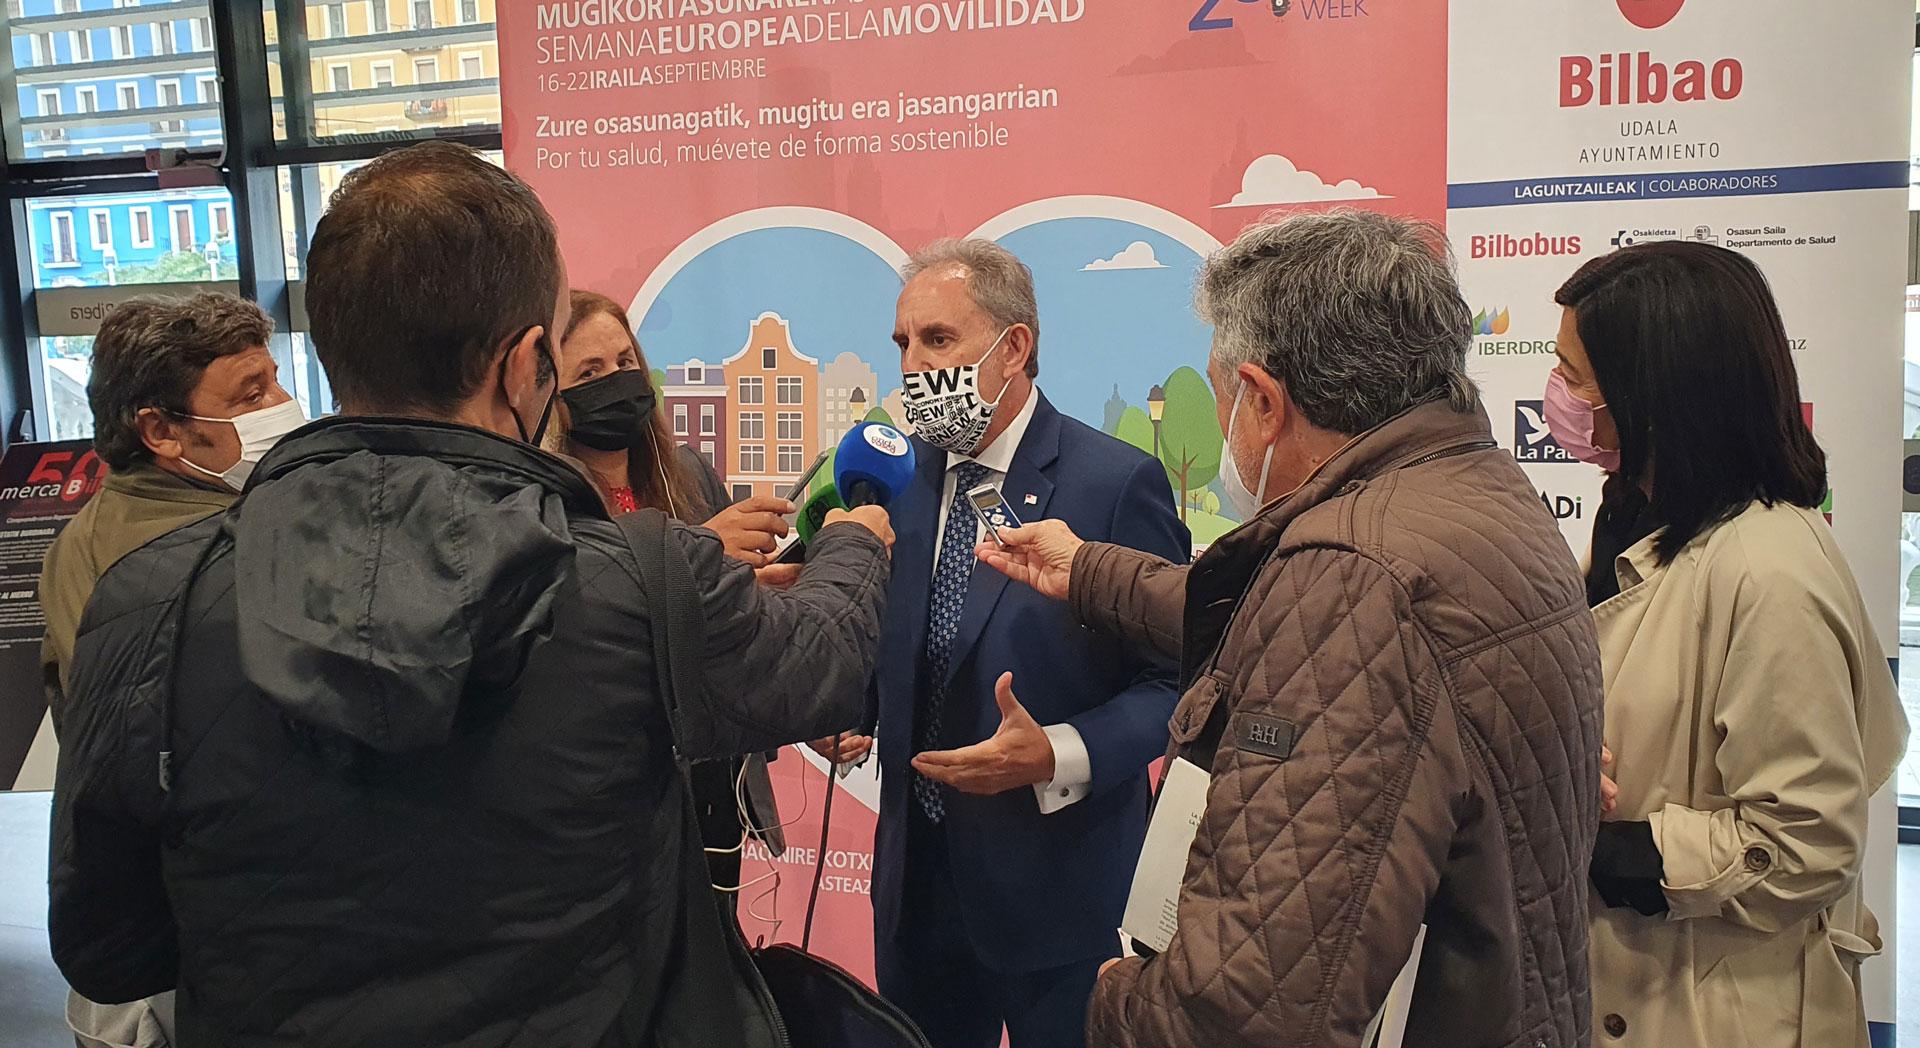 Alfonso Gil atendiendo a los medios de comunicación